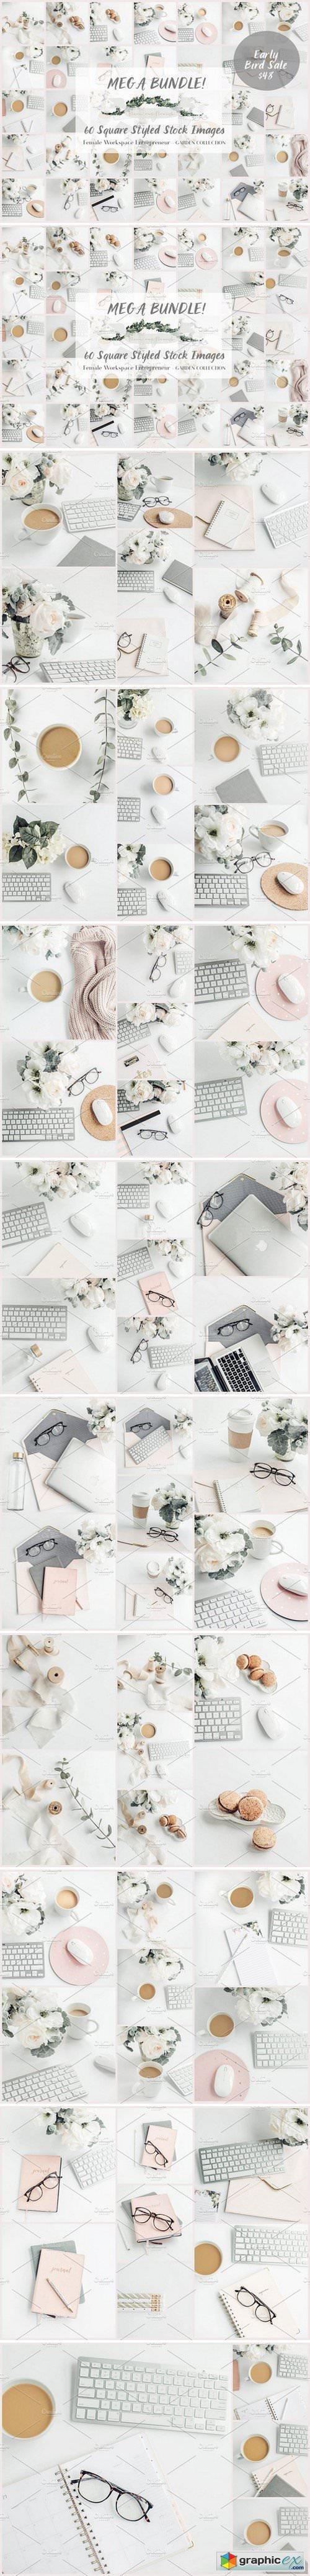 Mega Bundle- 60 Social Media images